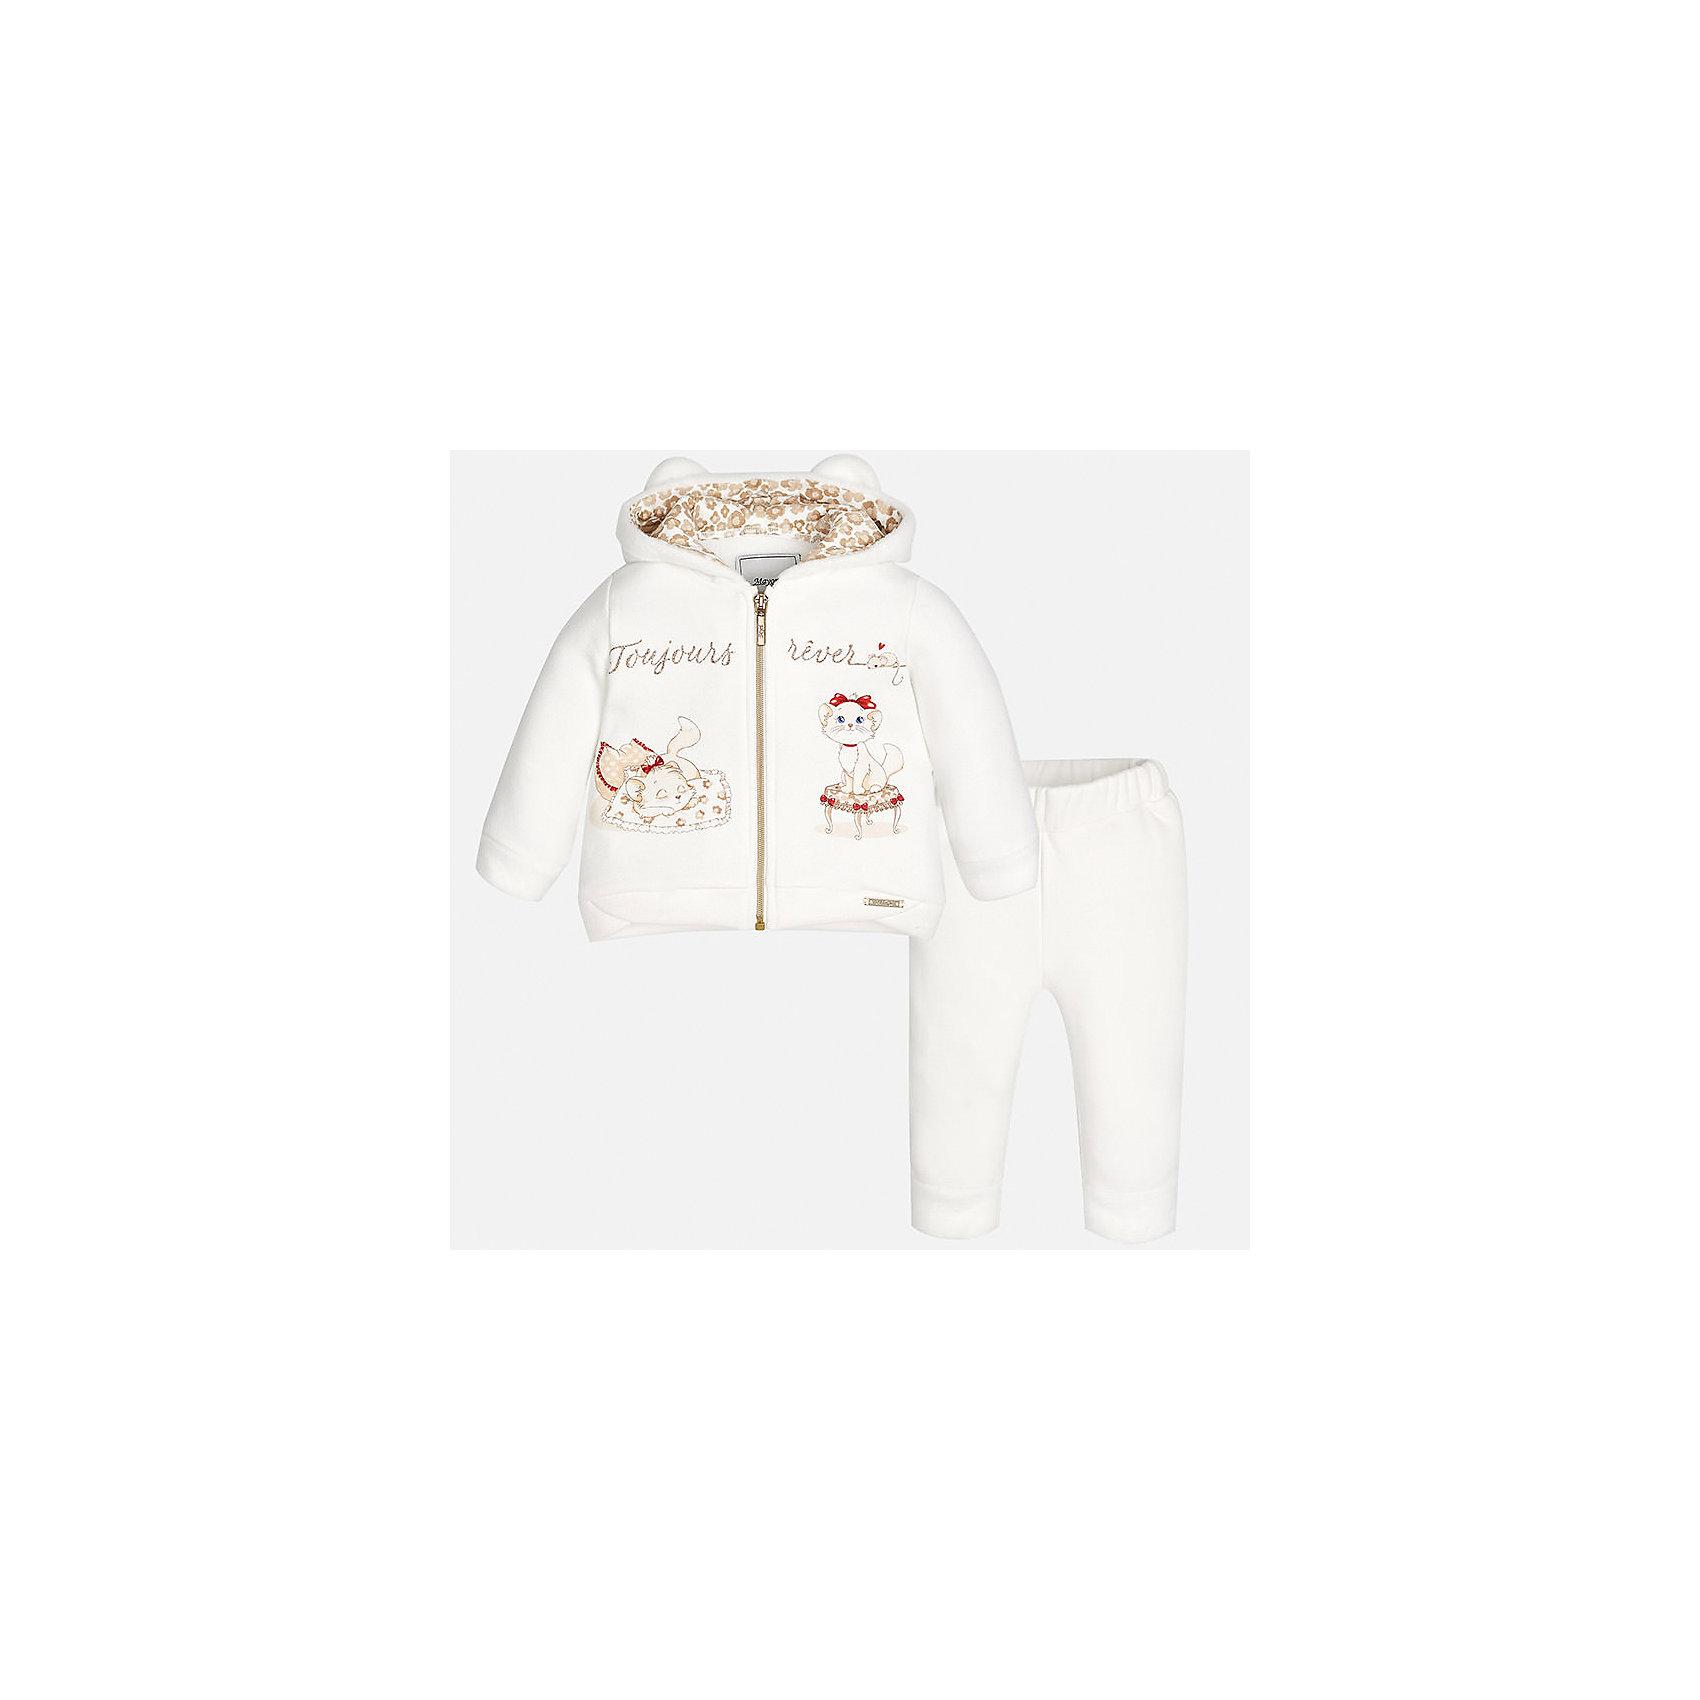 Спортивный костюм Mayoral для девочкиКомплекты<br>Характеристики товара:<br><br>• цвет: бежевый<br>• состав ткани: 65% хлопок, 30% полиэстер, 5% эластан<br>• комплект: курточка и брюки<br>• сезон: демисезон<br>• особенности: спортивный стиль<br>• длинные рукава<br>• застежка: молния<br>• пояс: резинка<br>• страна бренда: Испания<br>• страна изготовитель: Индия<br><br>В симпатичном детском спортивном костюме от испанской компании Майорал ребенок будет выглядеть модно, а чувствовать себя - комфортно. Спортивный костюм для ребенка сделан материала с преобладанием натурального хлопка в составе. Этот комплект для занятий спортом хорошо сидит по фигуре.<br><br>Спортивный костюм для девочки Mayoral (Майорал) можно купить в нашем интернет-магазине.<br><br>Ширина мм: 247<br>Глубина мм: 16<br>Высота мм: 140<br>Вес г: 225<br>Цвет: бежевый<br>Возраст от месяцев: 12<br>Возраст до месяцев: 15<br>Пол: Женский<br>Возраст: Детский<br>Размер: 80,98,86,92<br>SKU: 6920649